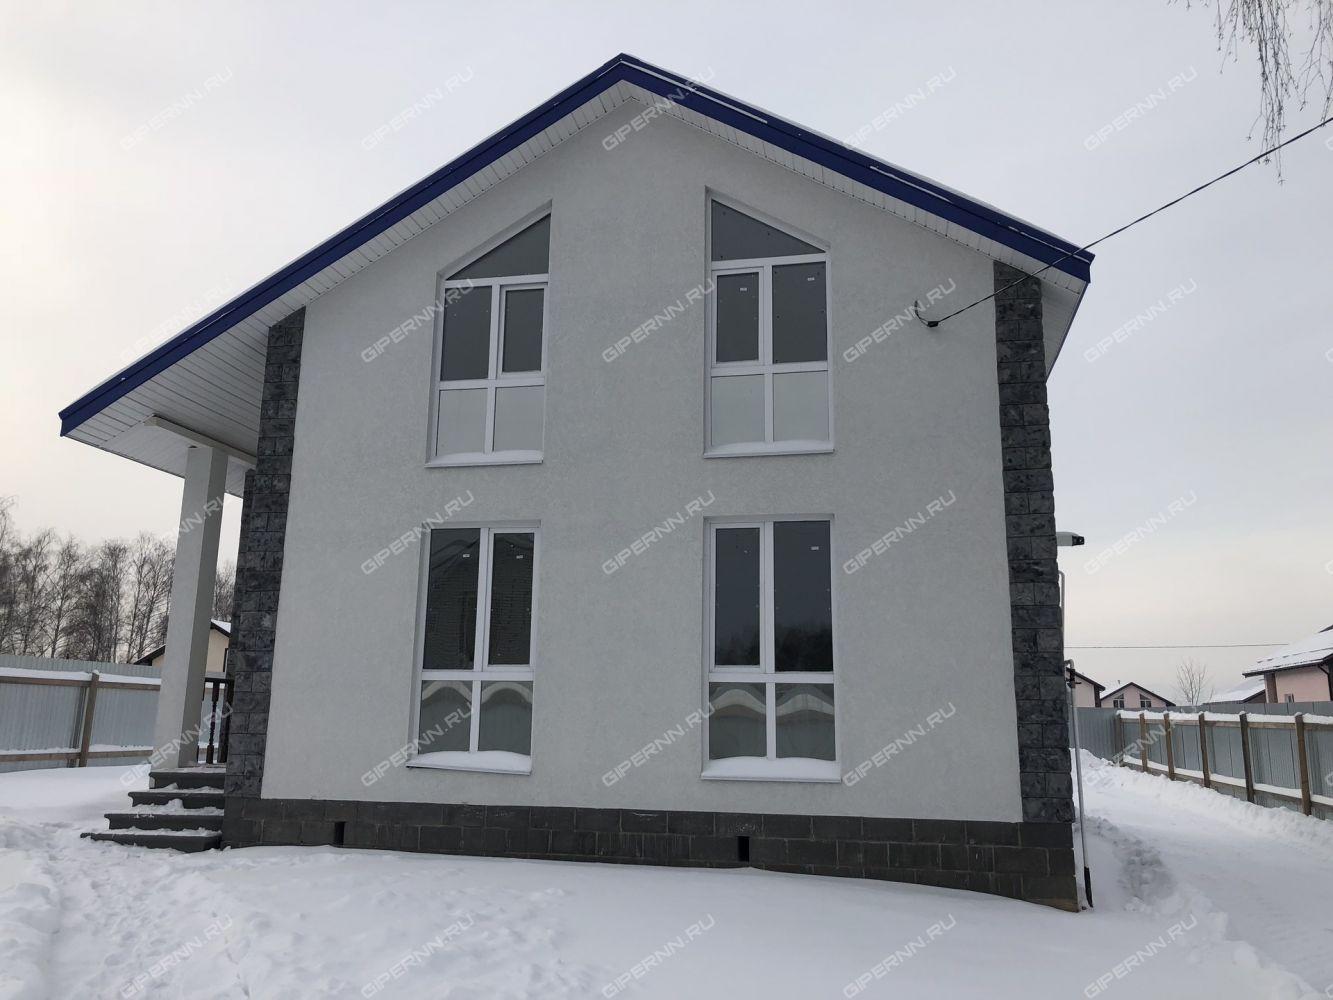 Дом из бруса 6 на 9: проекты, фото и планировка